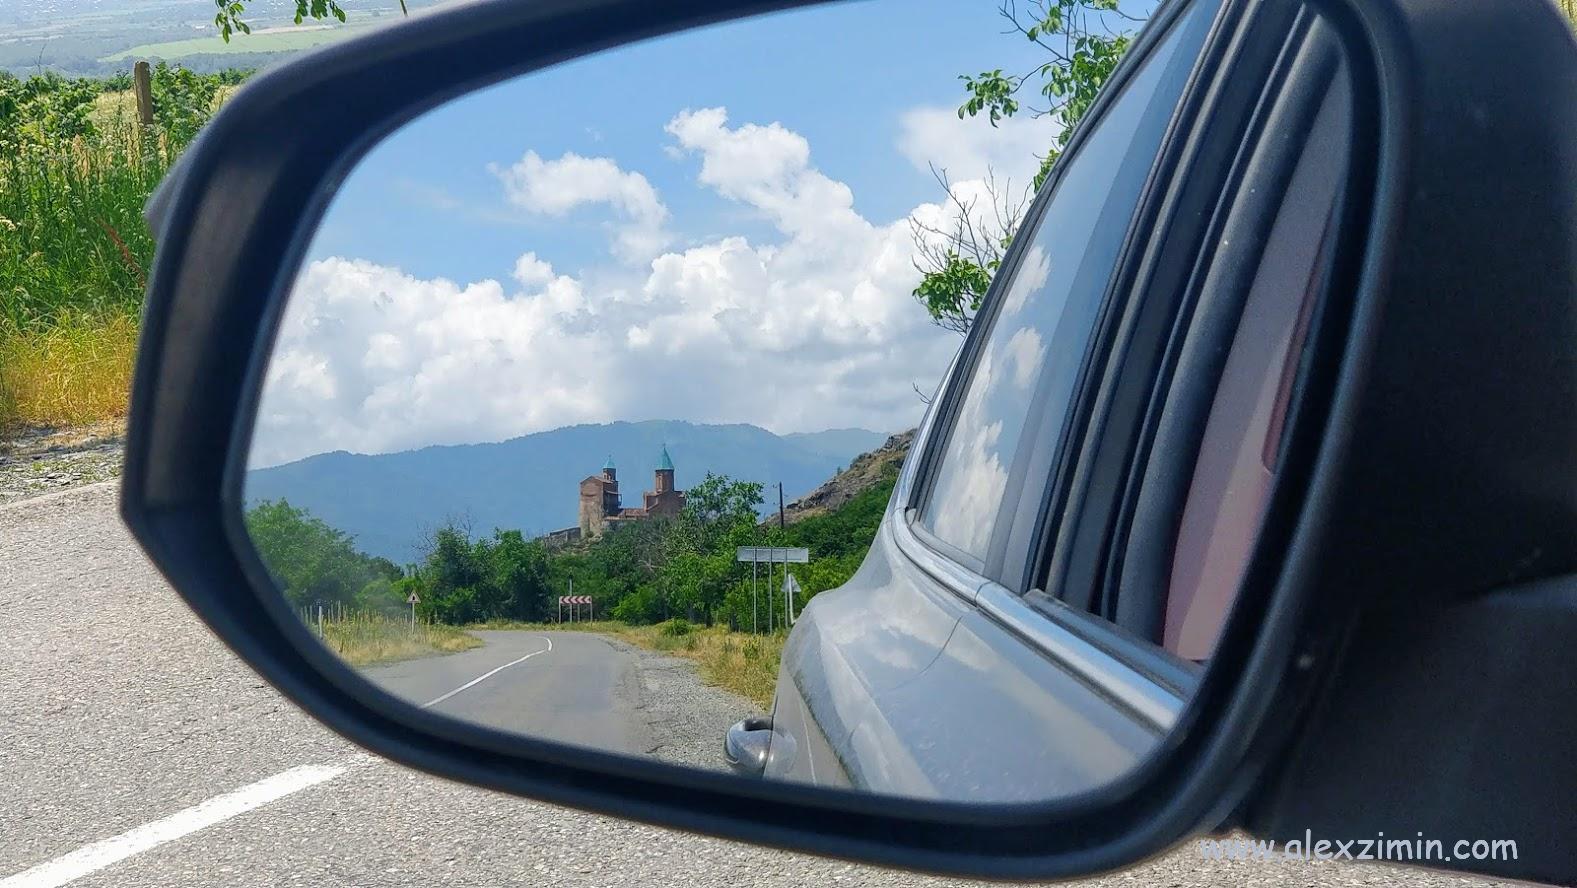 В боковое зеркало машины прекрасно видео грузинскую церквушку